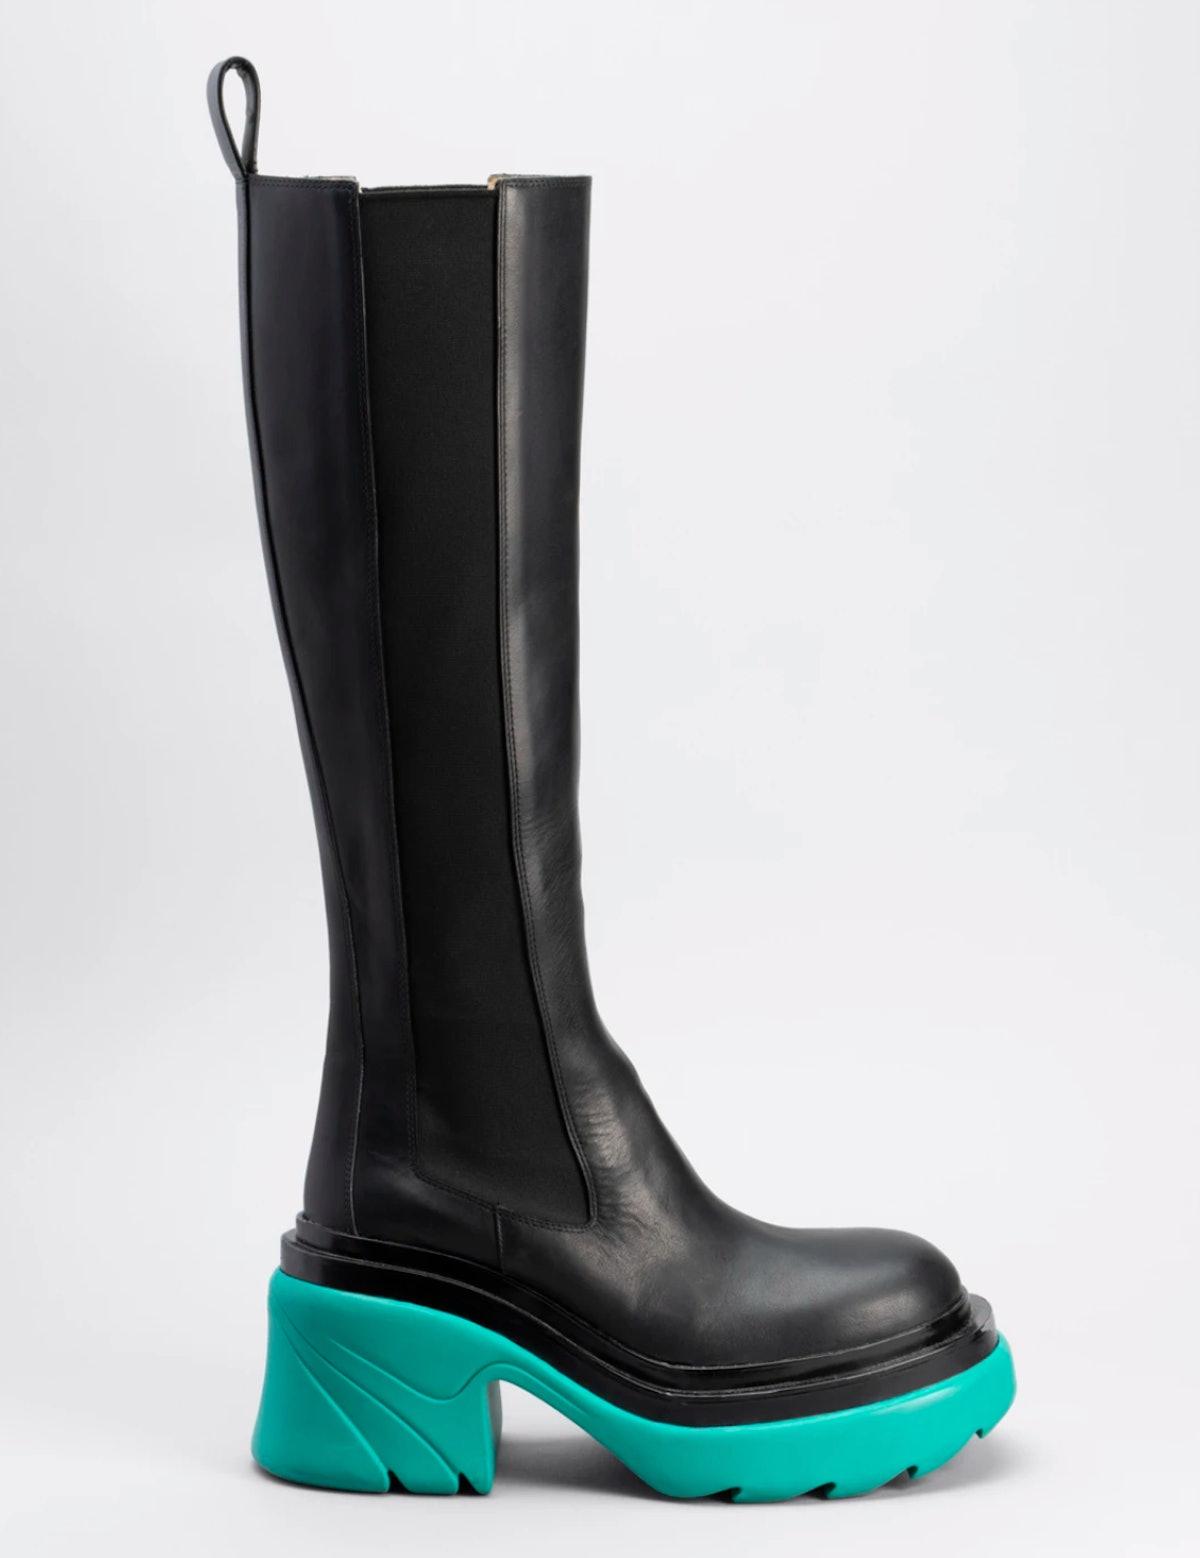 bottega boots